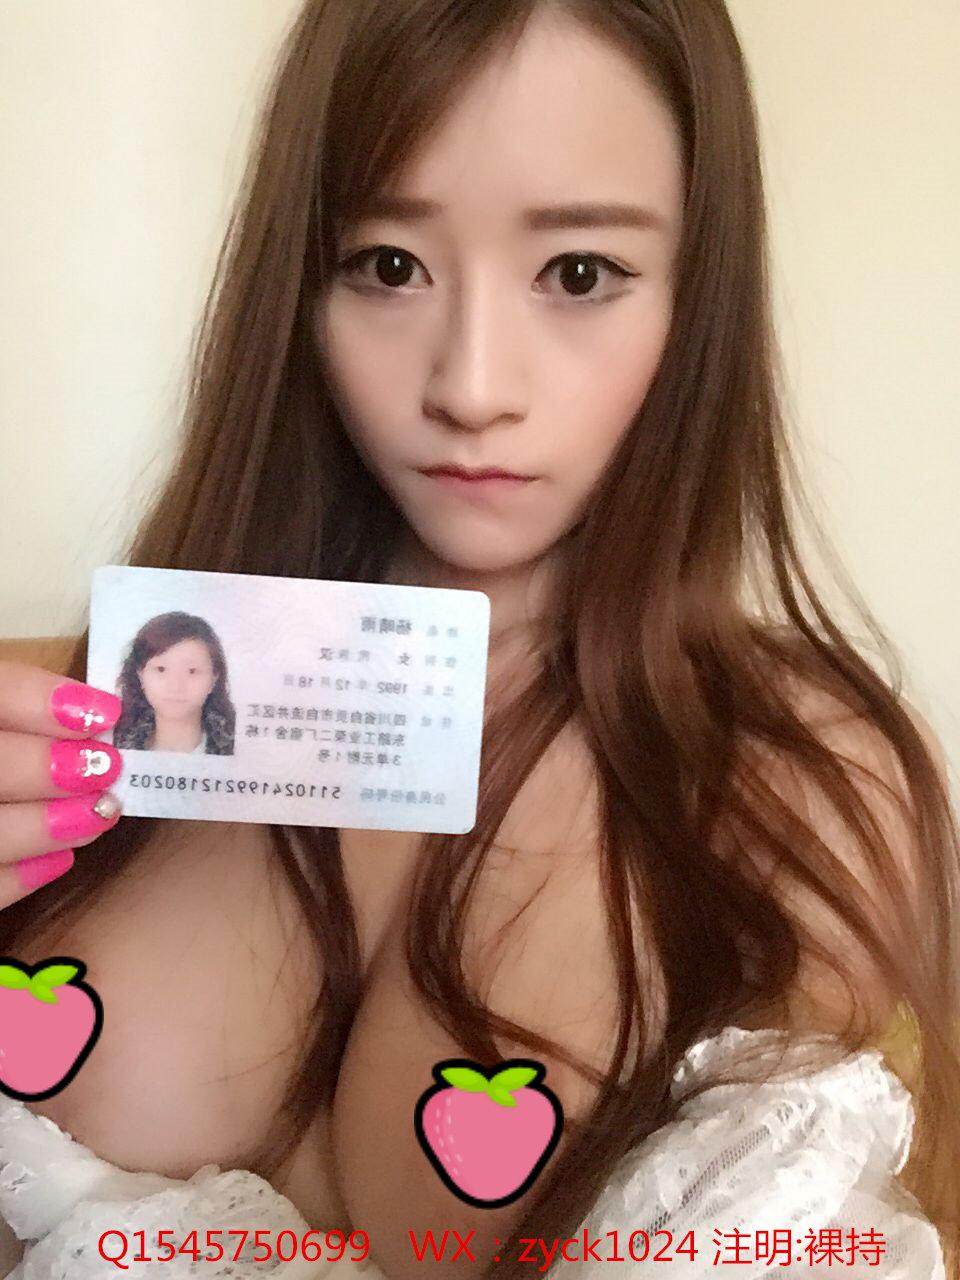 【有片】裸條借錢債肉償!中國「借貸寶」最新全套裸照視頻流出!